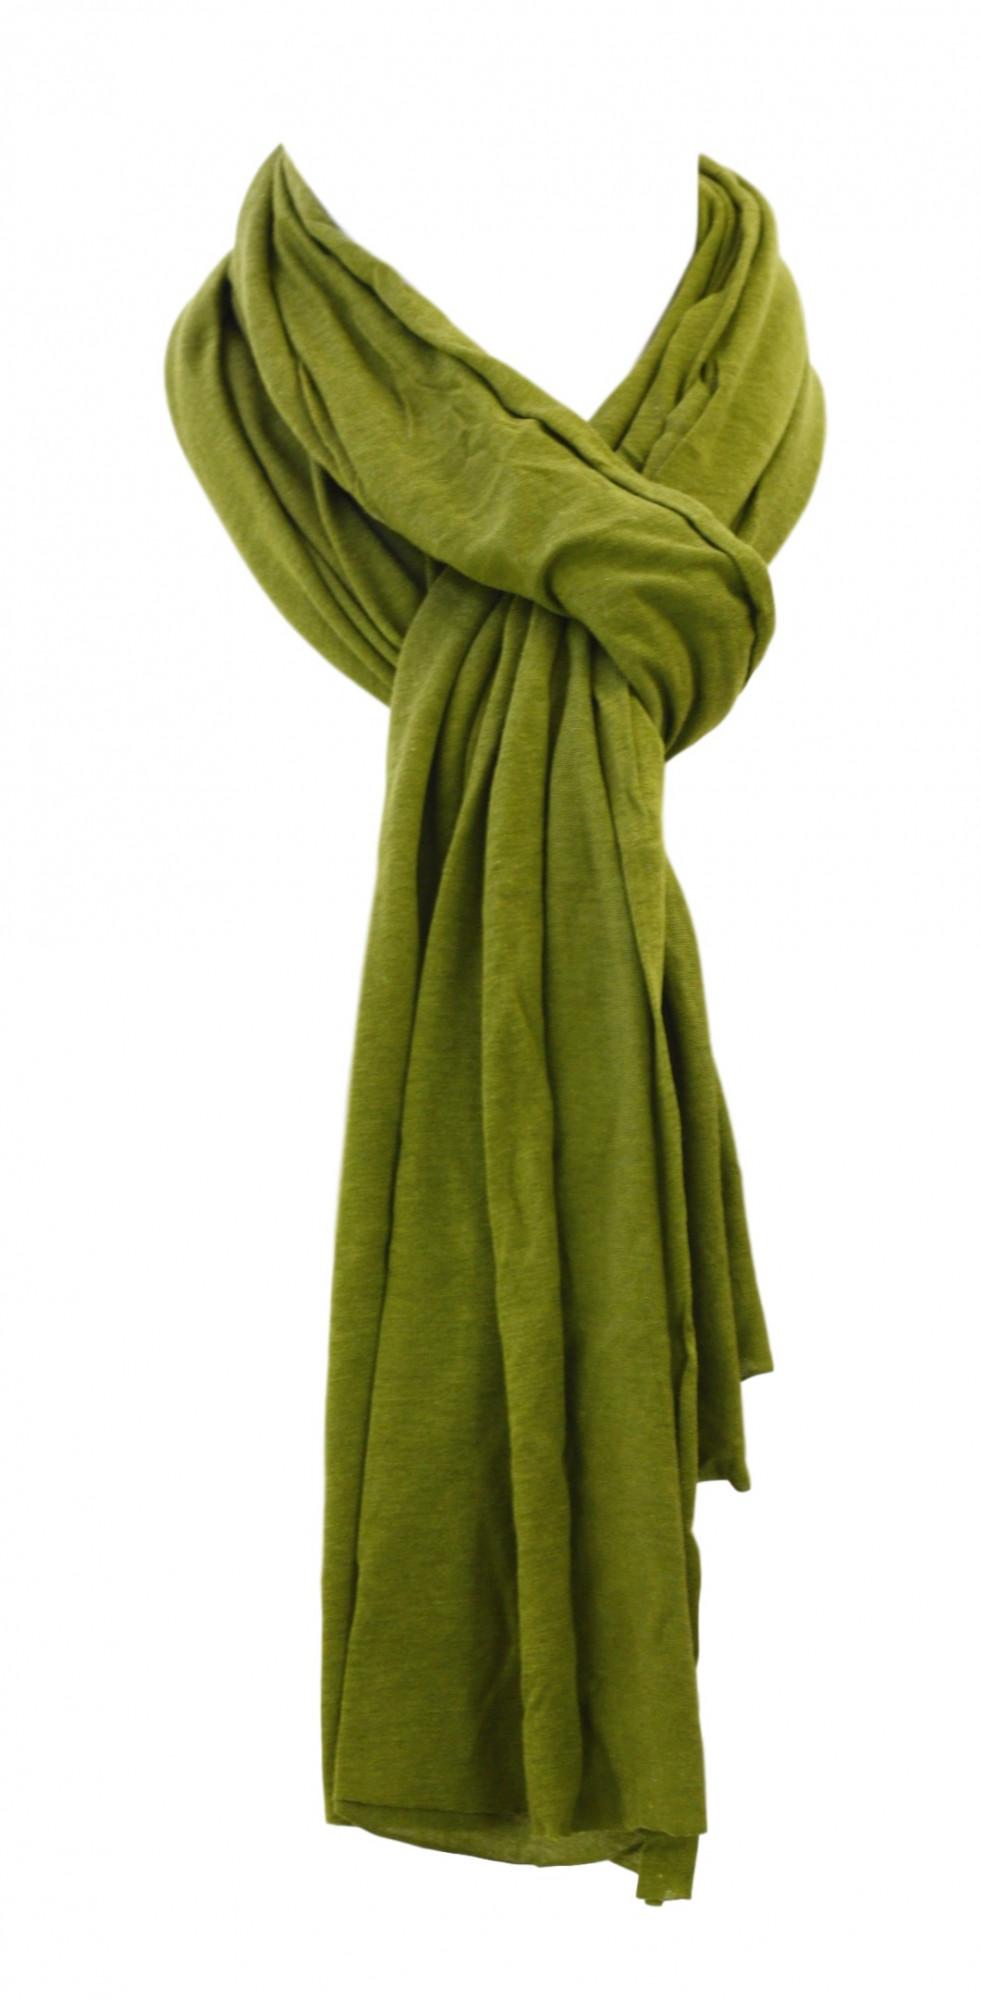 Dámská šála Light scarf - Rich Royal Barva: žlutá, Velikost: univerzální